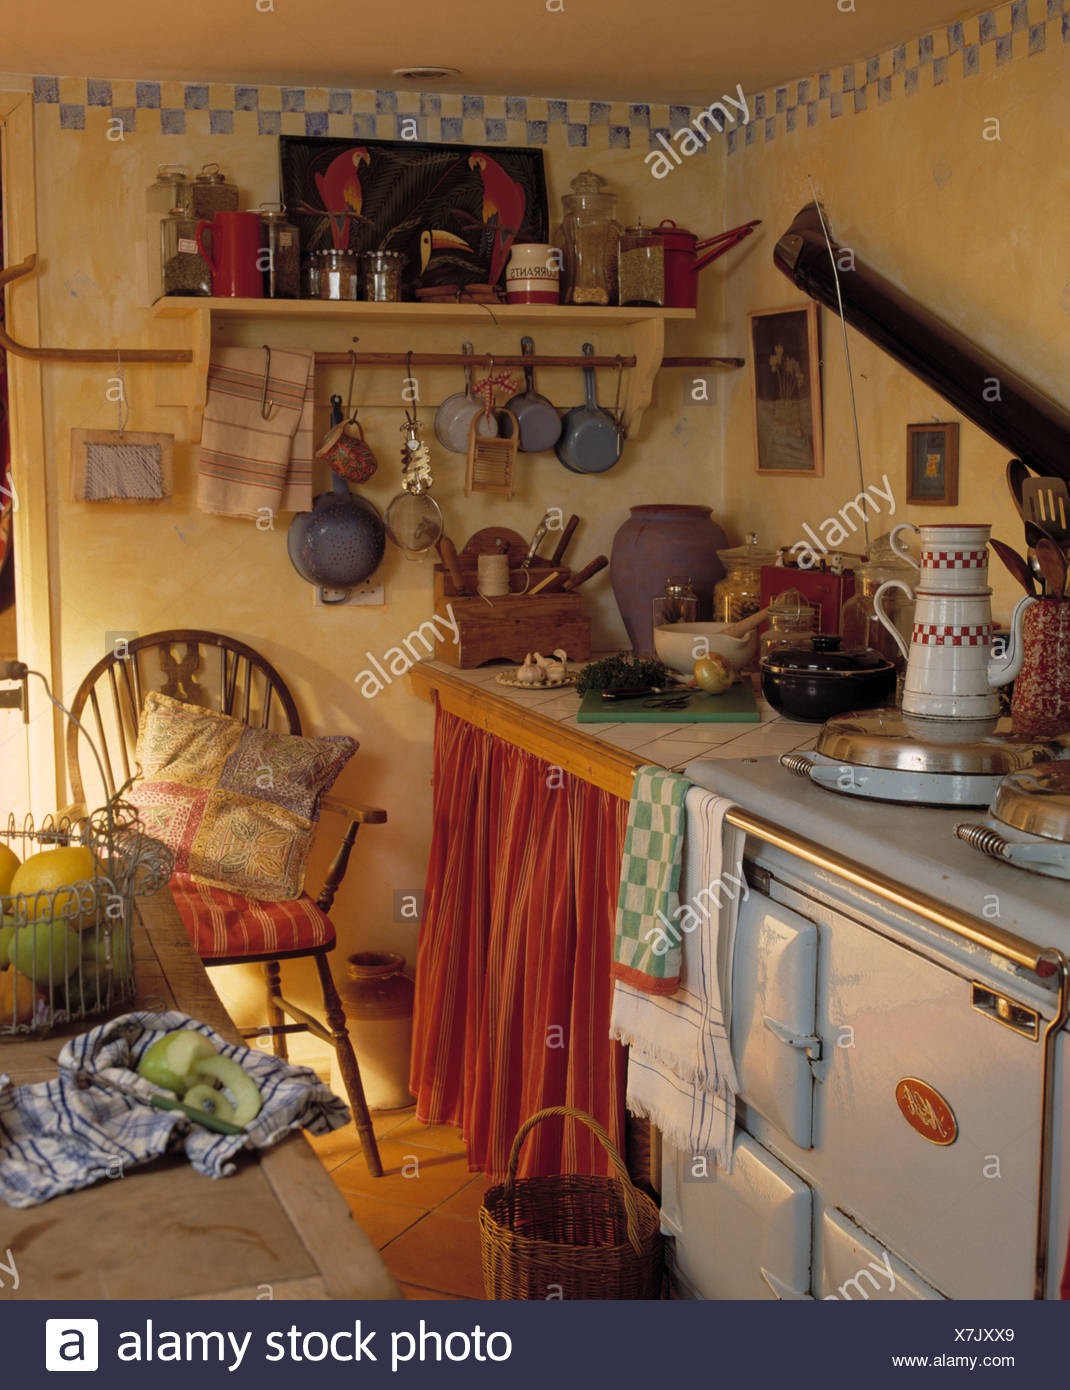 Four Aga En Cuisine Cottage Avec Rideau Sur Meuble Et Main